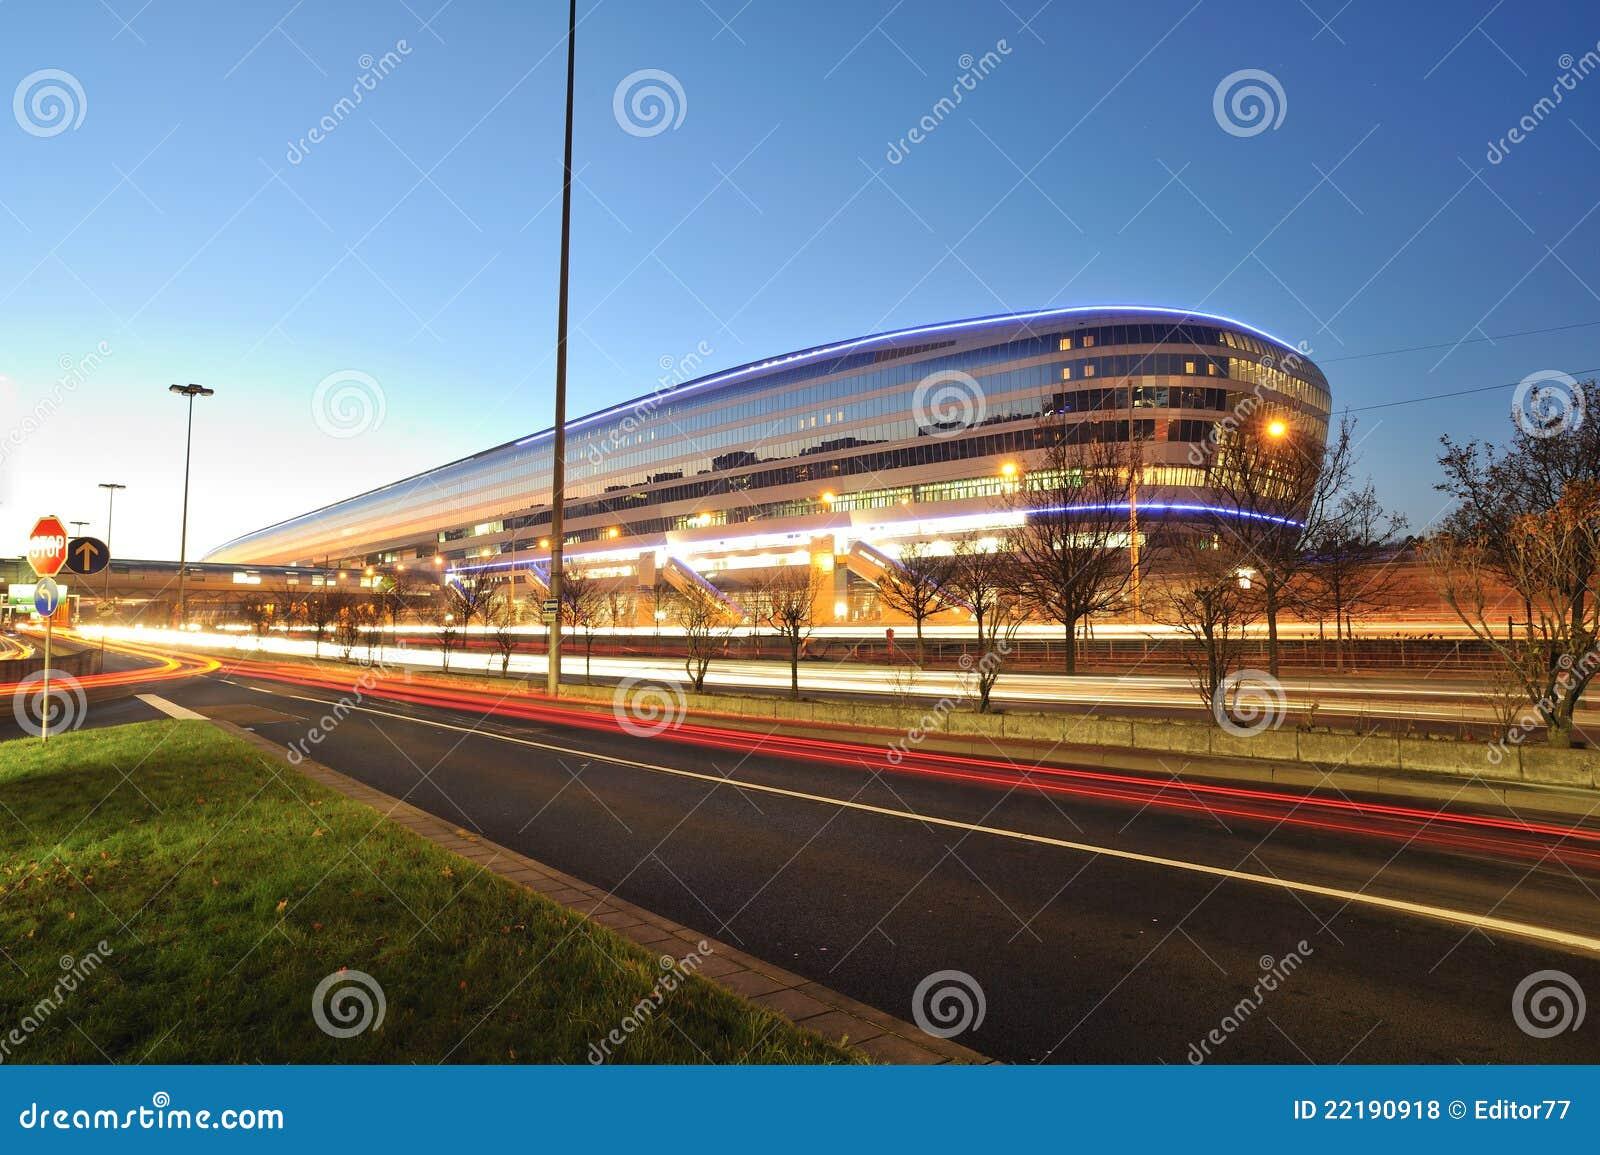 Aeroporto Germania : Stazione ferroviaria dell aeroporto di francoforte nella